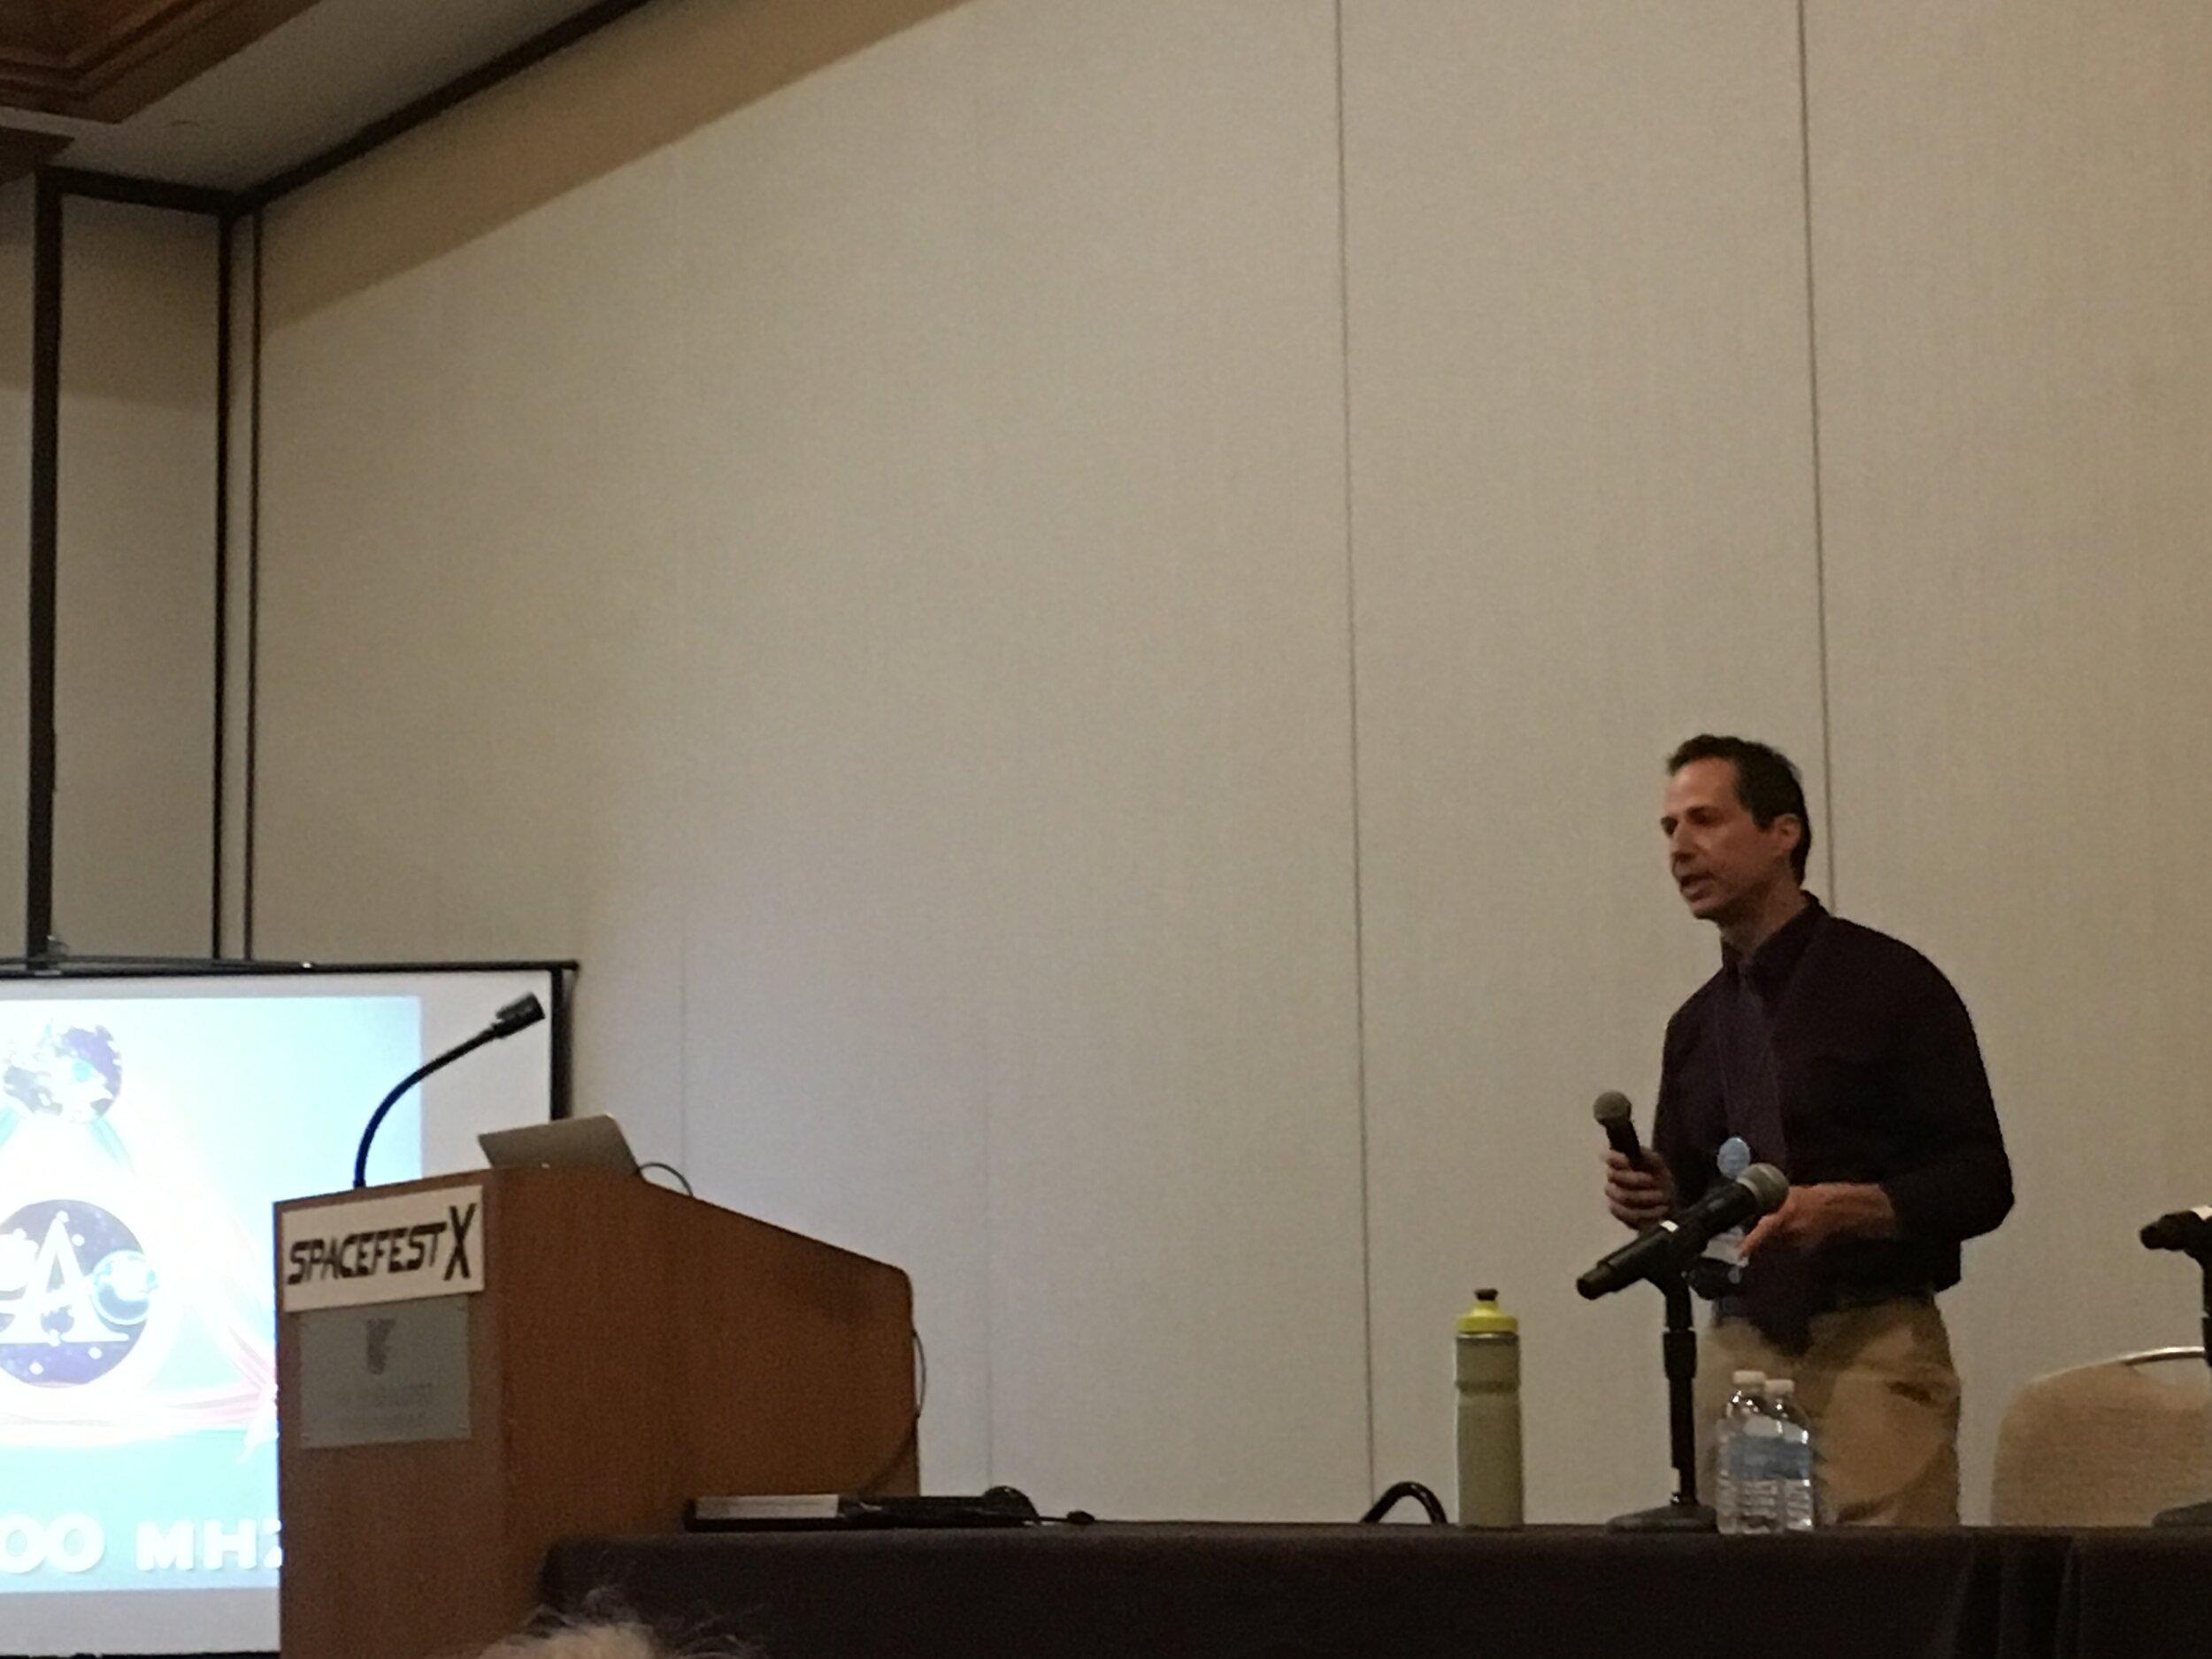 Spaceflight historian Jay Gallentine presenting on Luna 15.